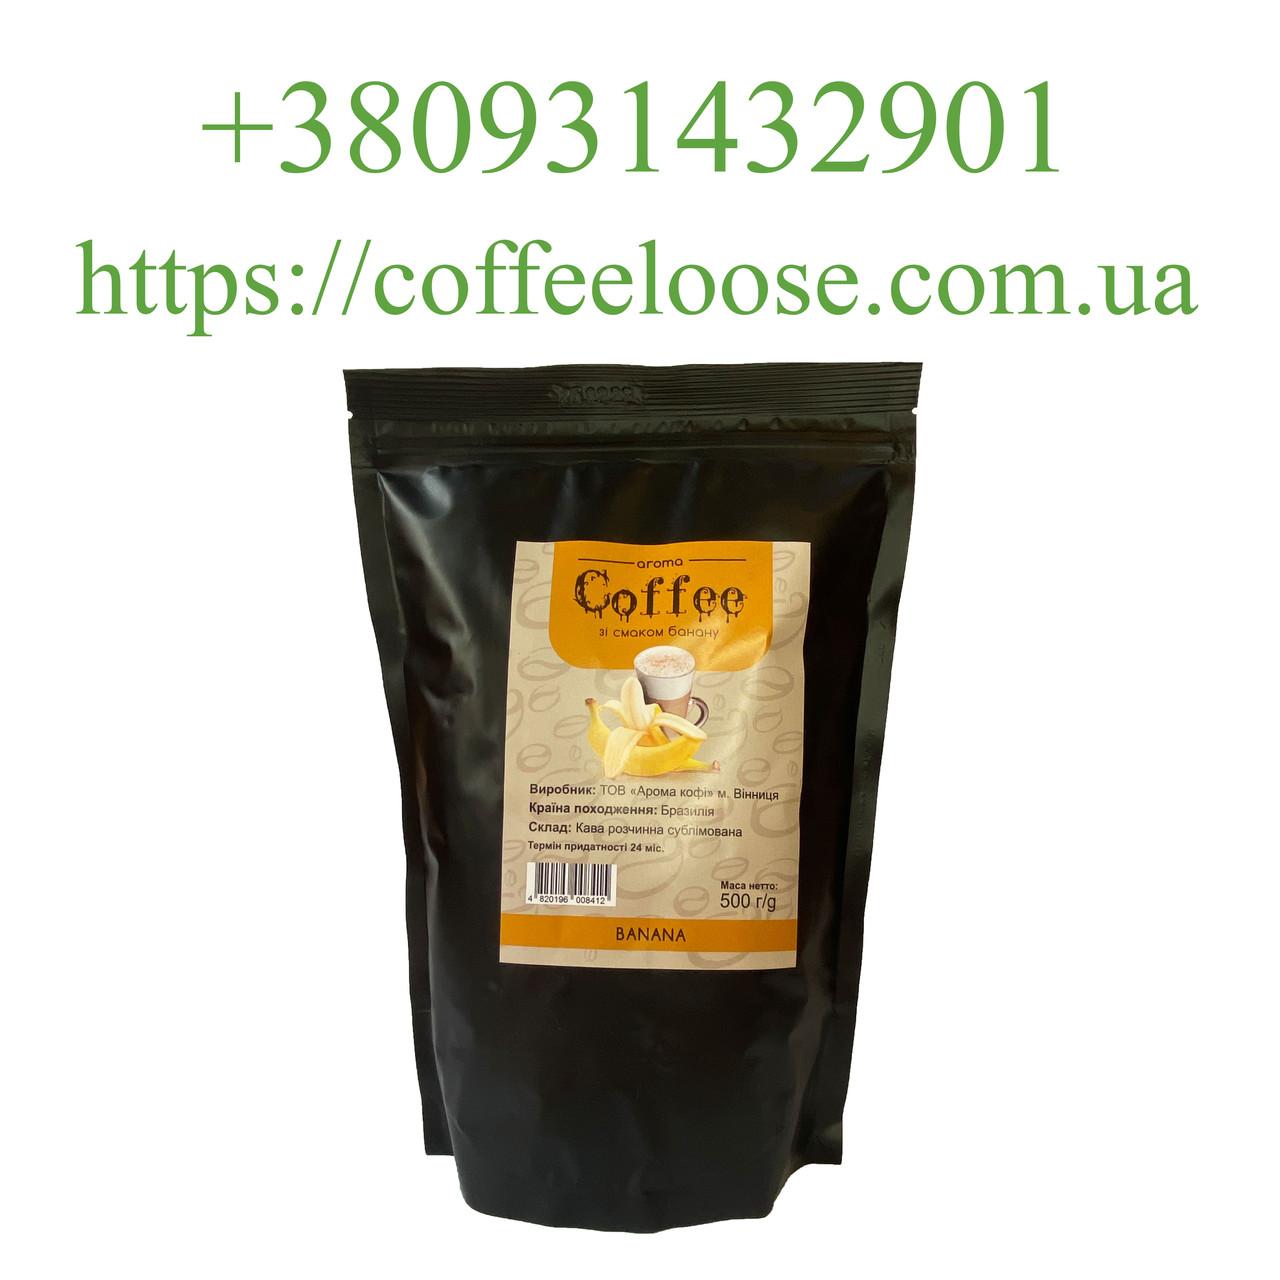 Кофе растворимый ароматизированный со вкусом Банан 500 грамм (Касик Бразилия)